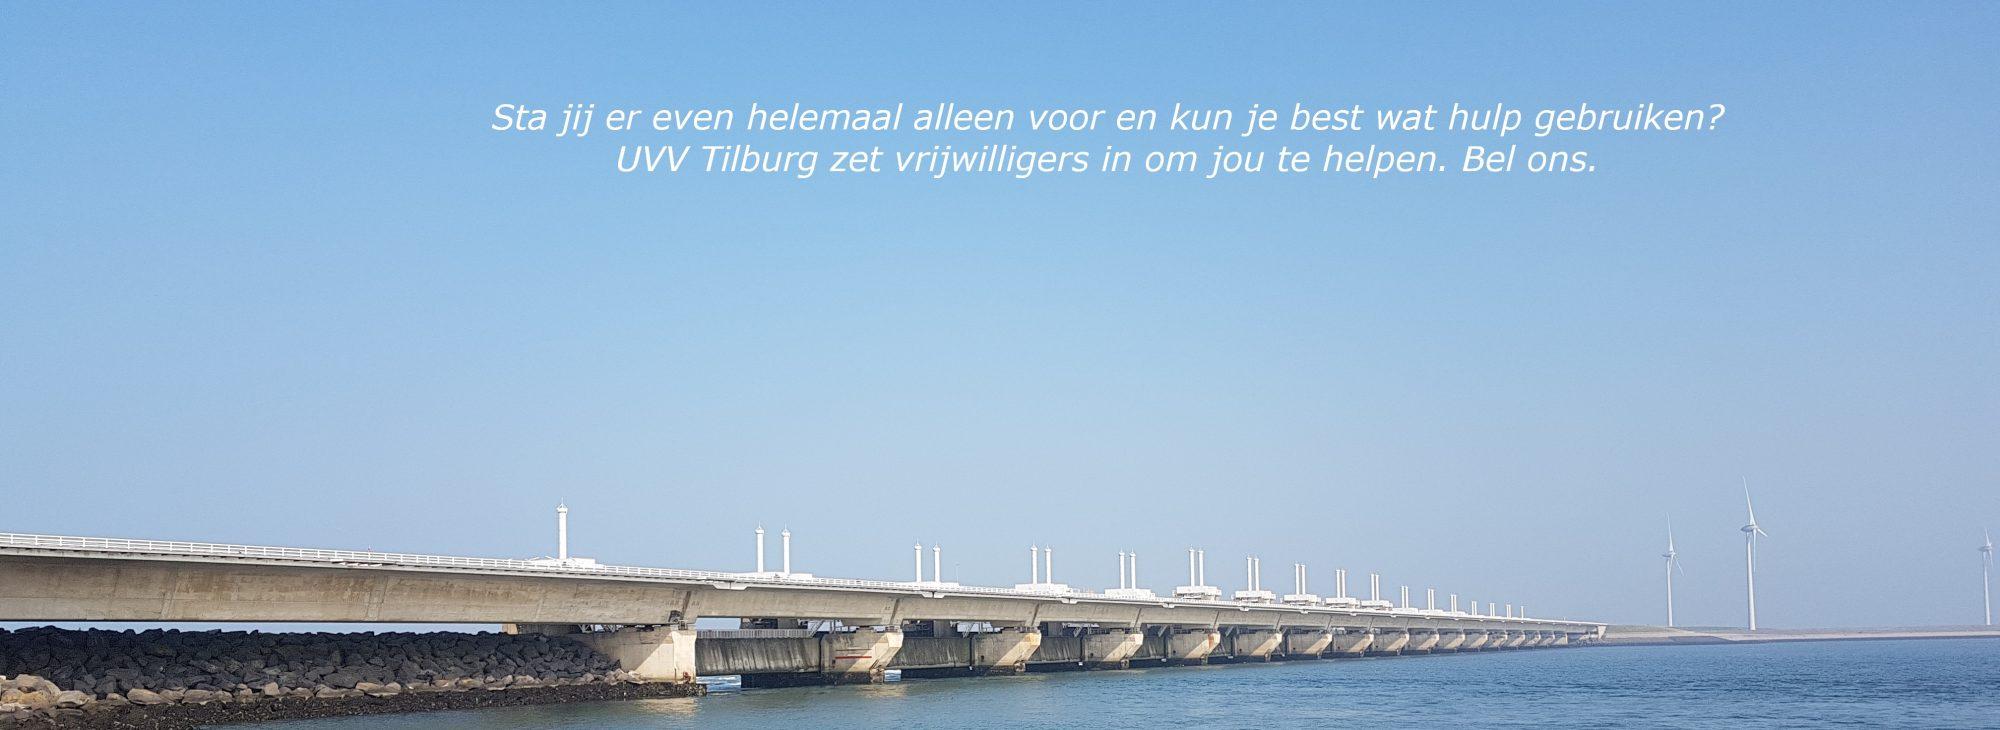 UVV Tilburg